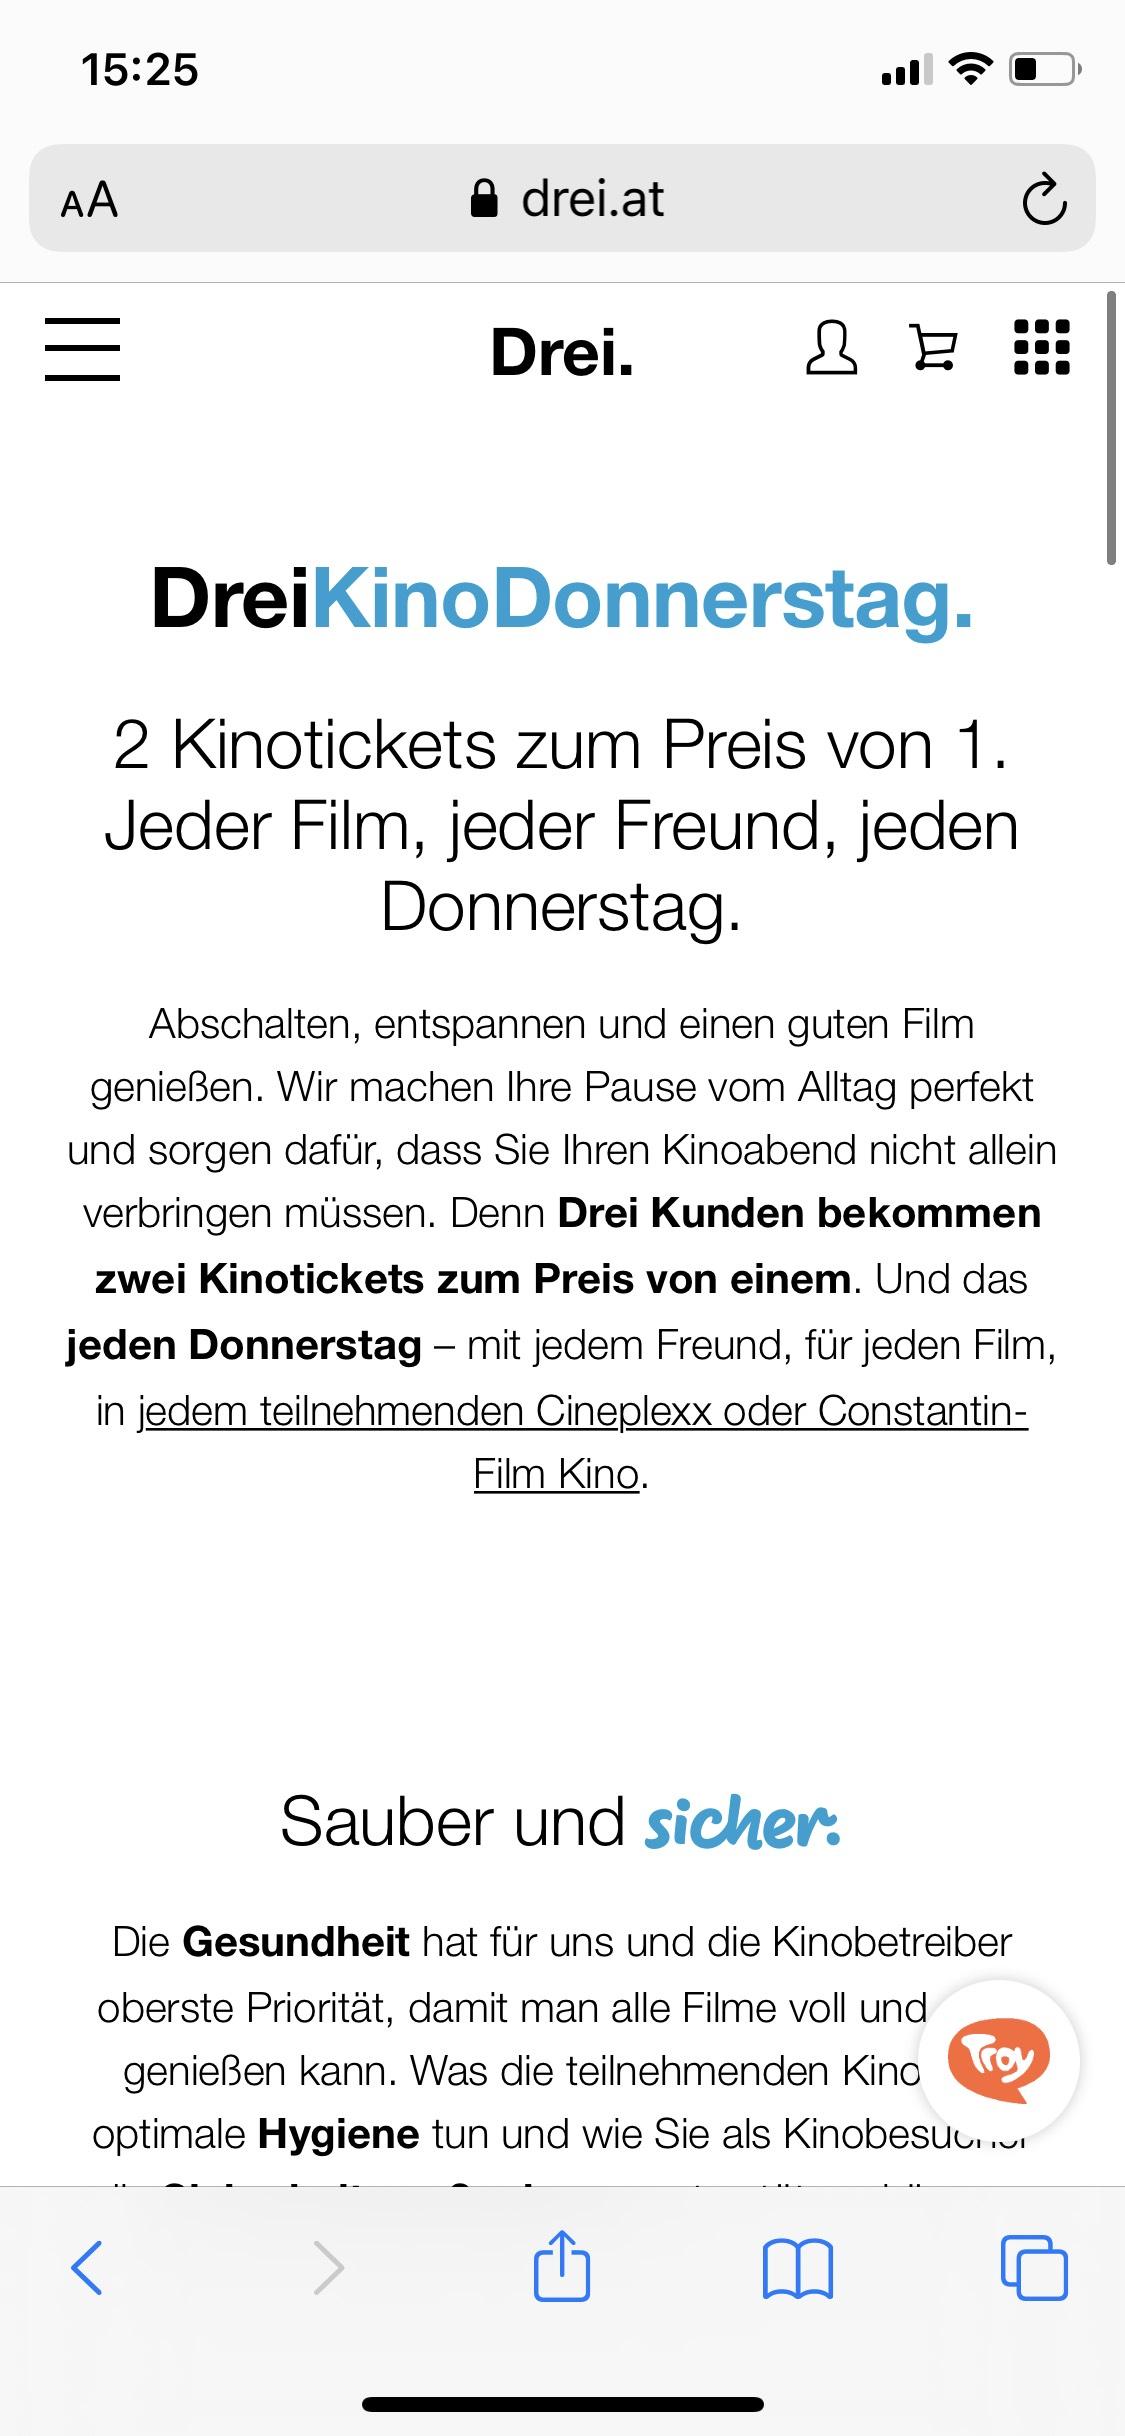 Drei KinoDonnerstag 2 Tickets zum Preis von 1